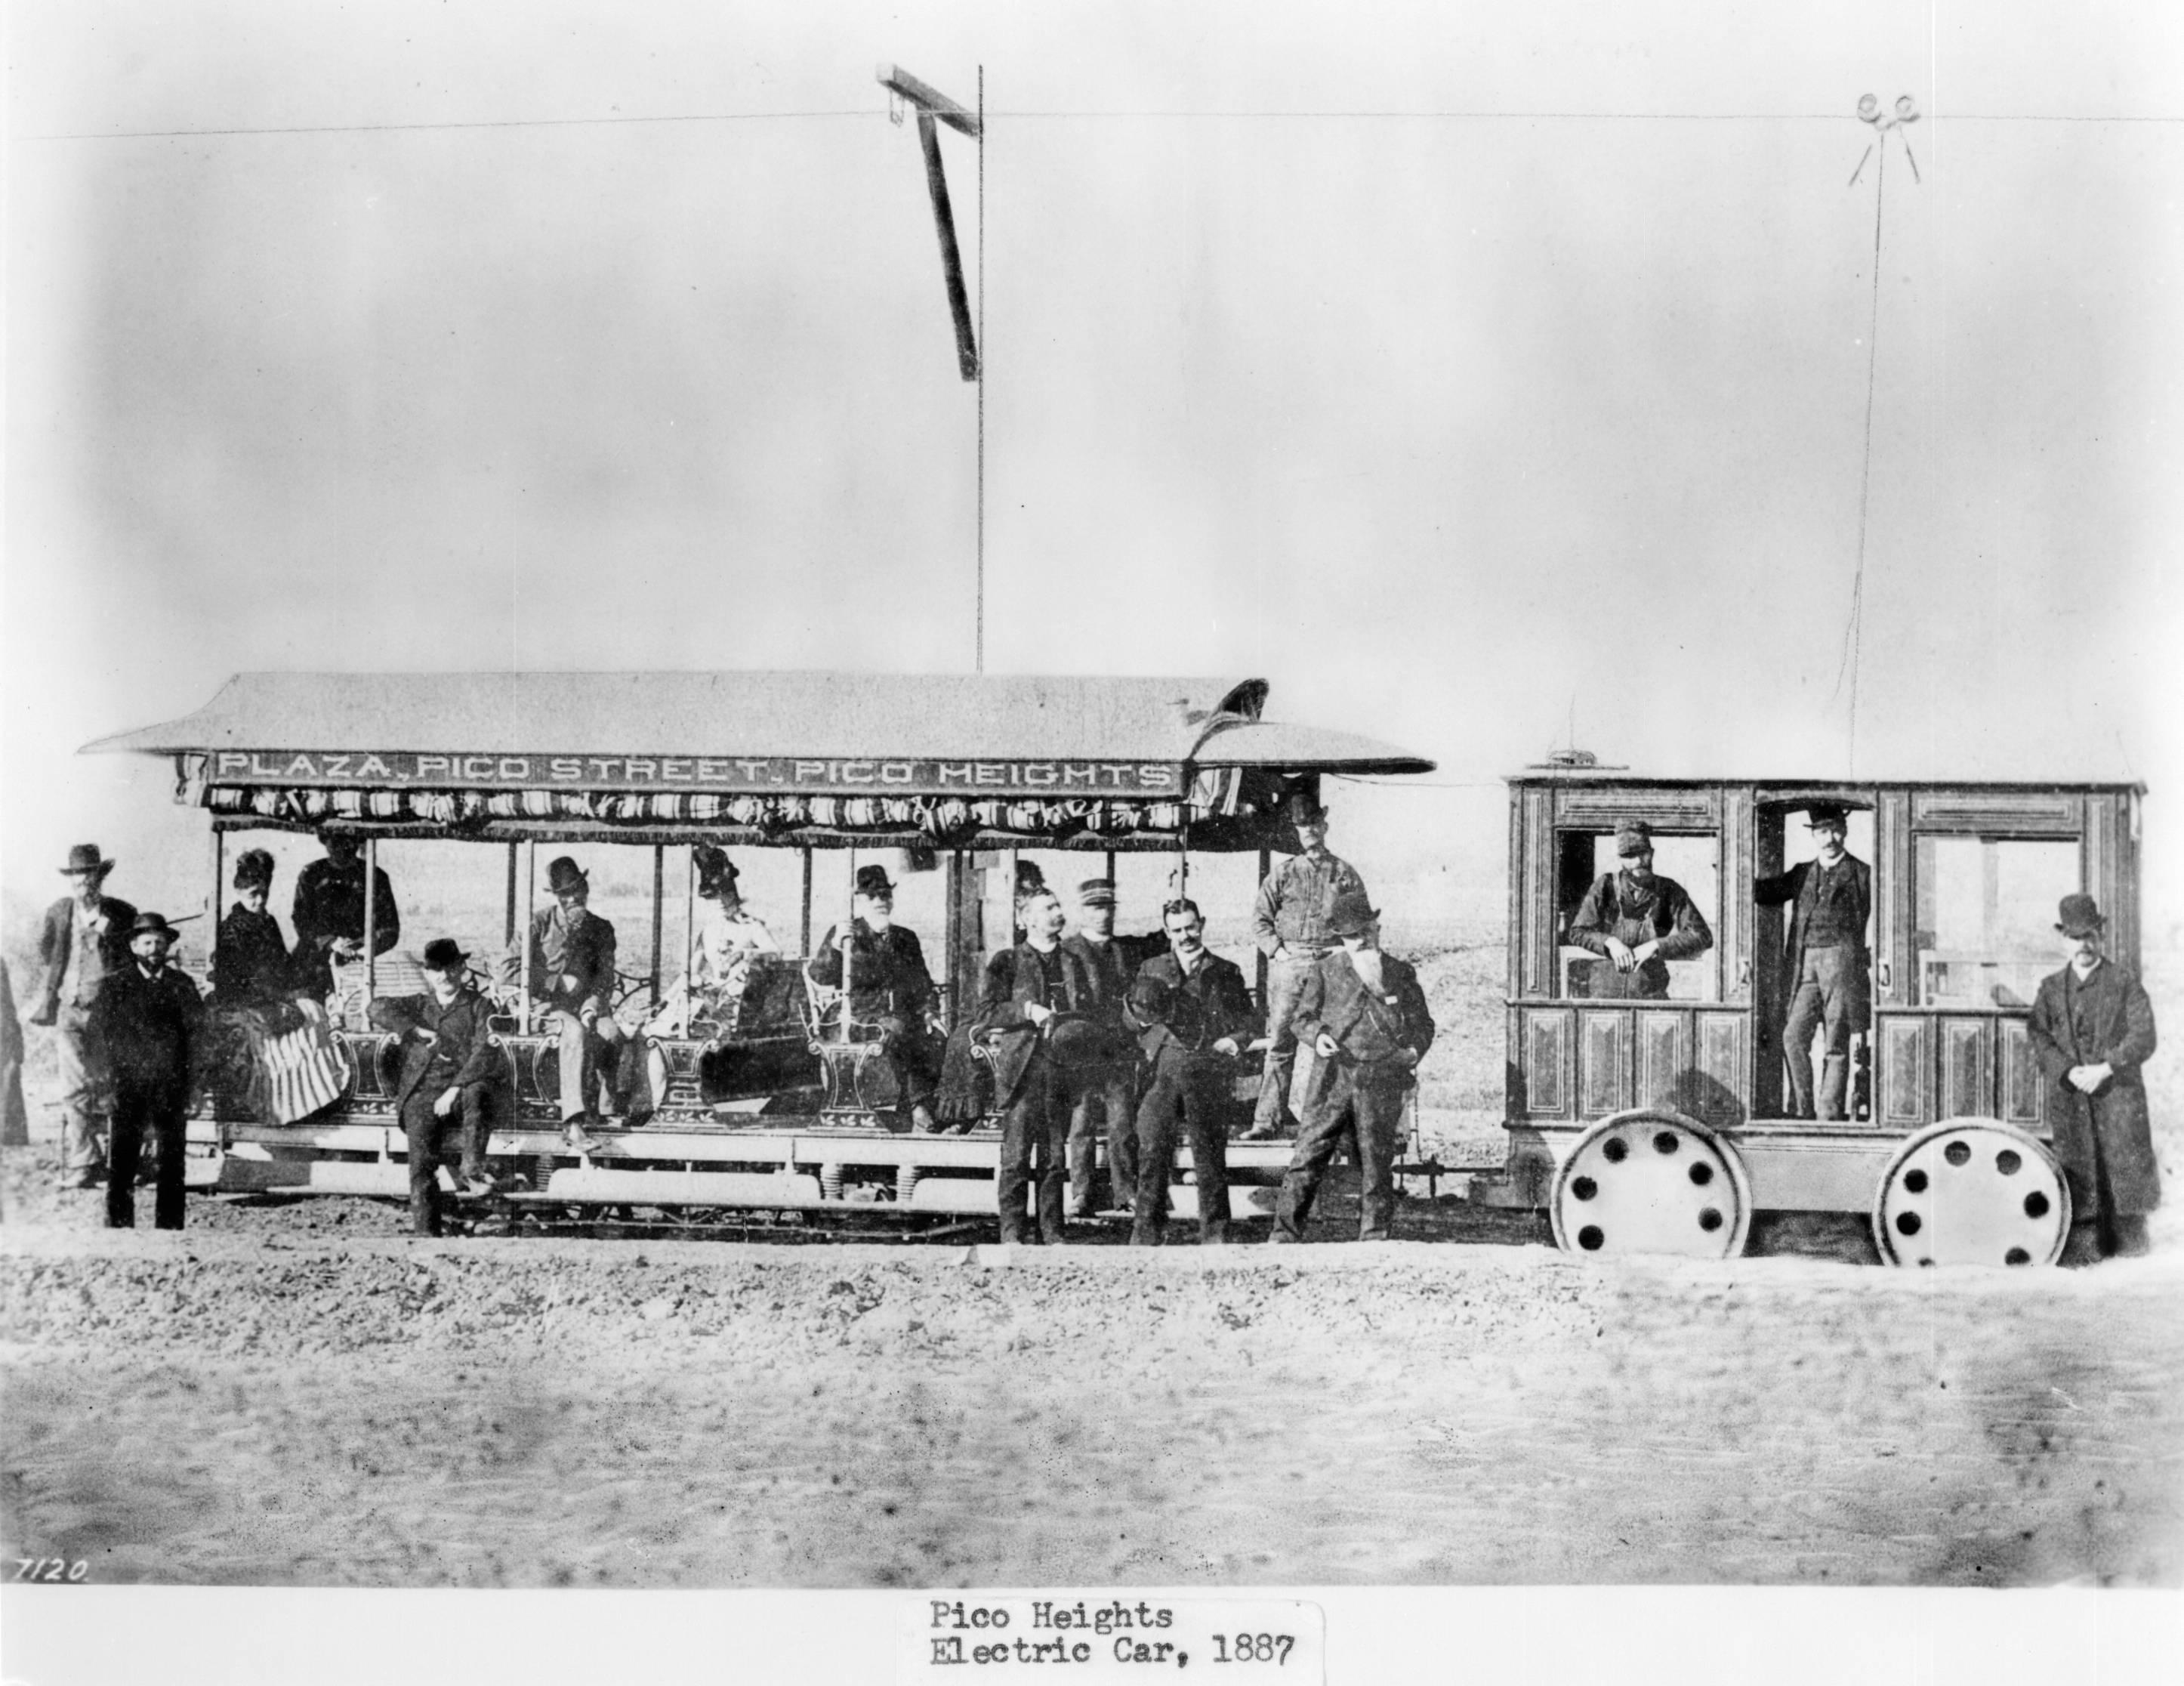 Pico Heights rail car